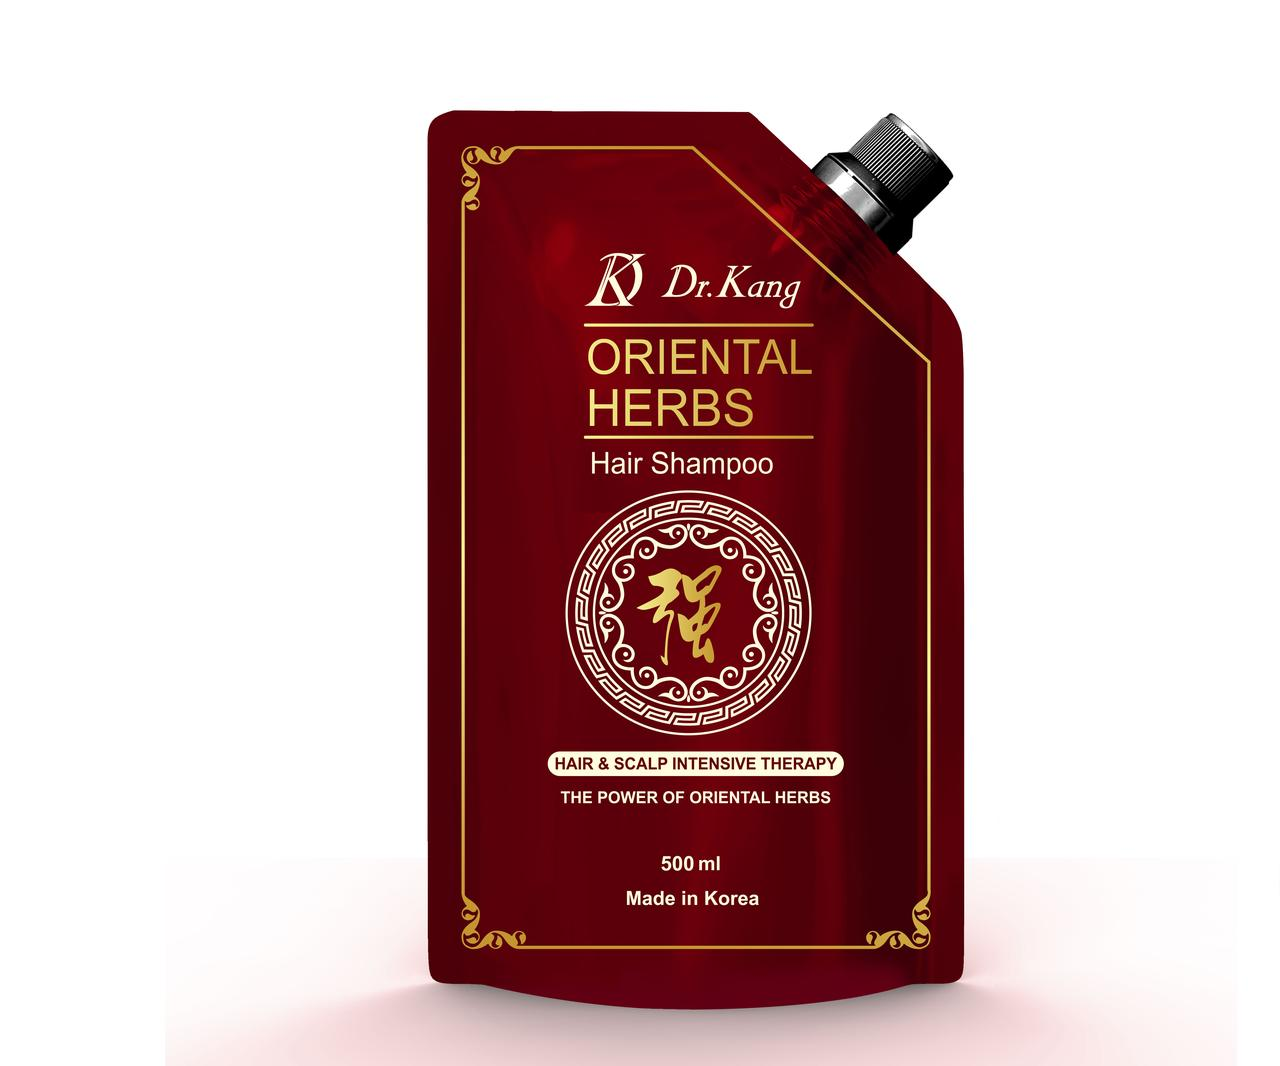 Dr.Kang Шампунь для интенсивного оздоровления волос и кожи головы Oriental Herbs Hair Shampoo 500мл.